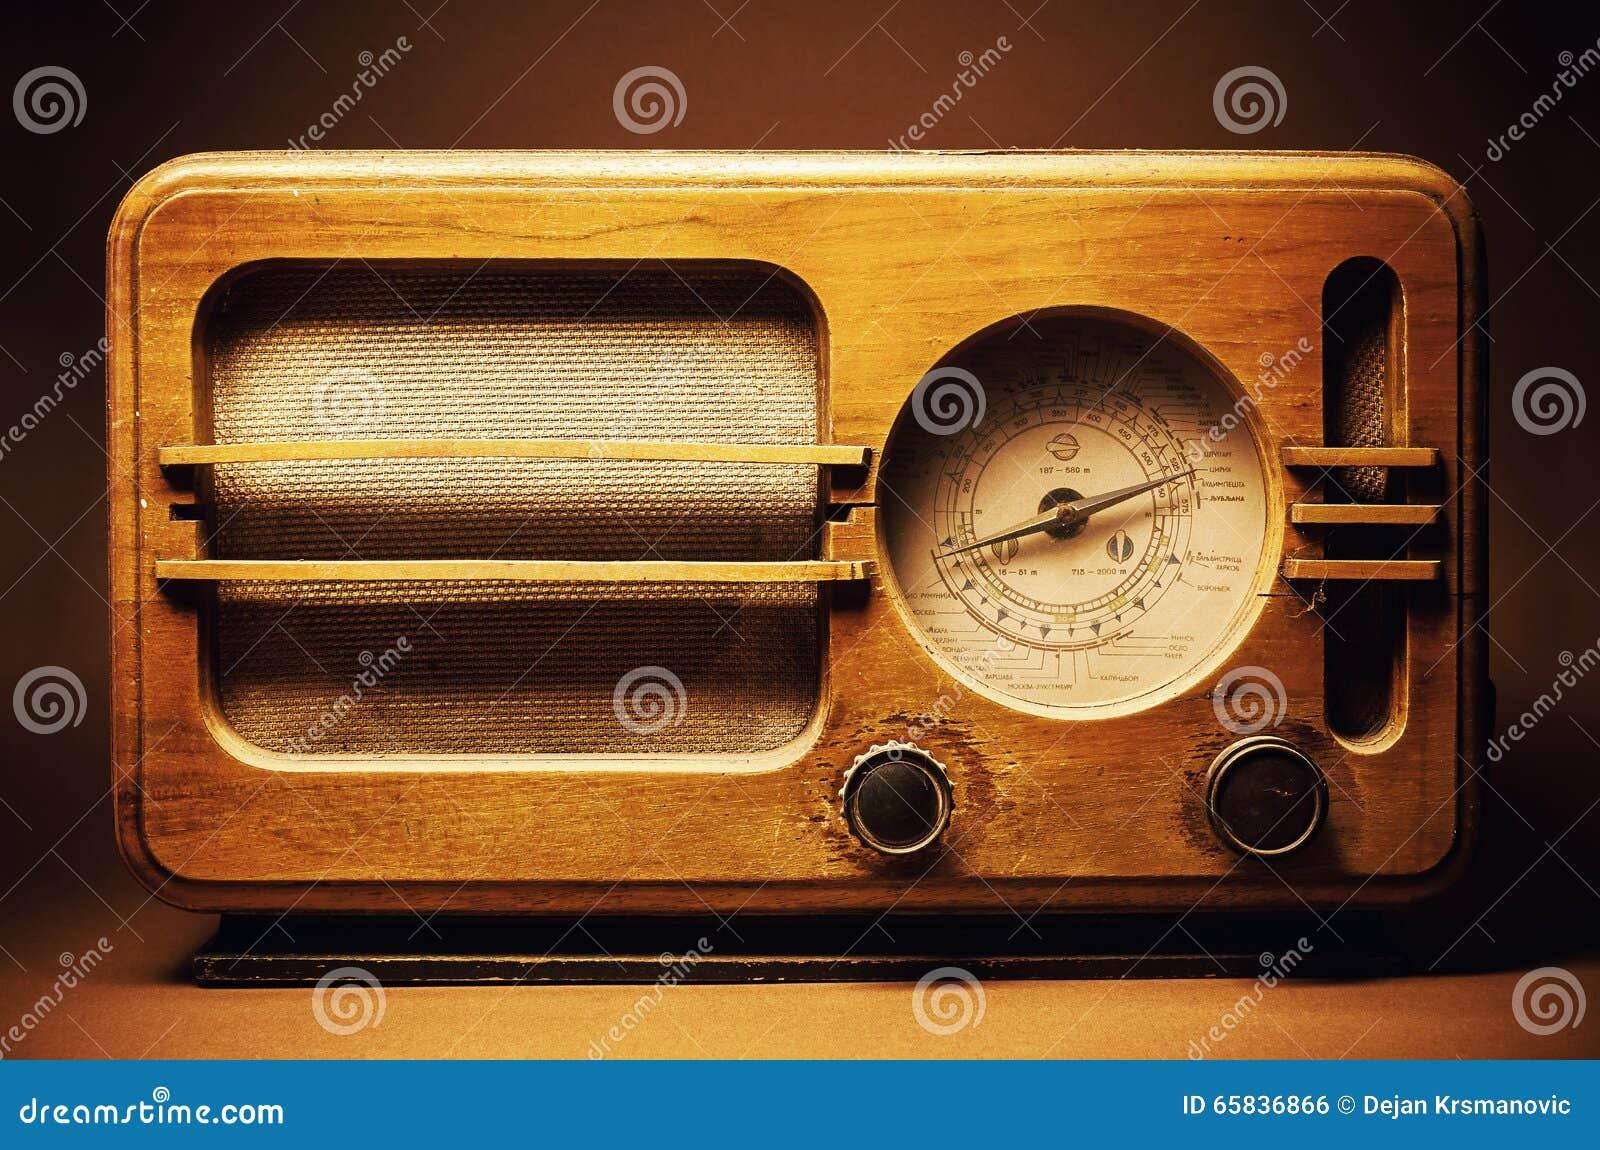 Antique autos weblog for Classic house radio station